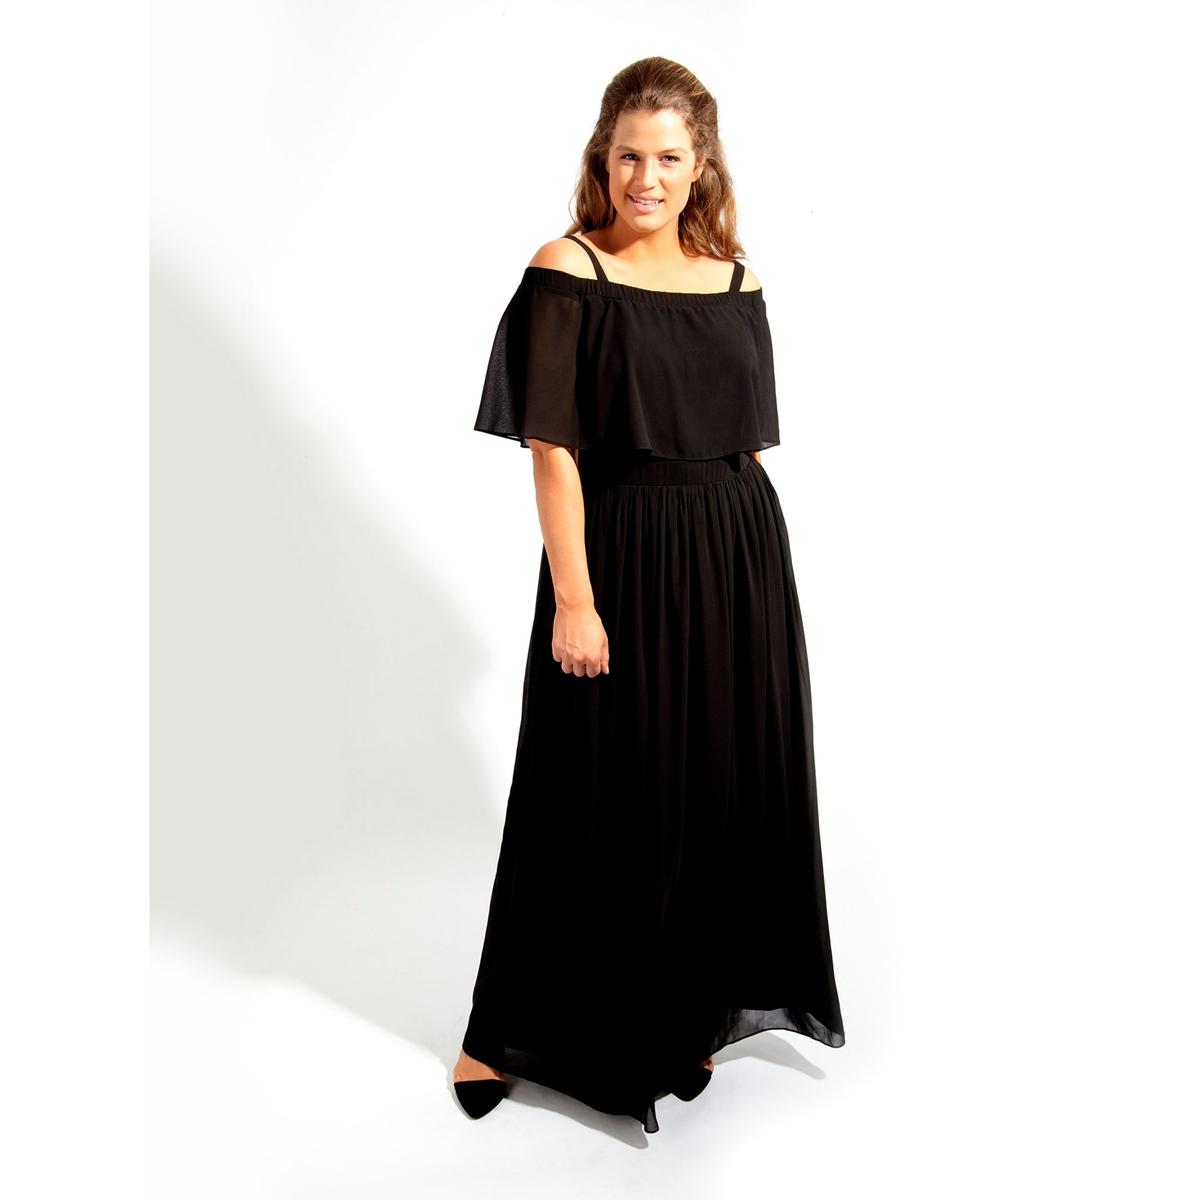 ПлатьеПлатье длинное KOKO BY KOKO. Платье макси с красивым вырезом бардо. 100% полиэстер<br><br>Цвет: черный<br>Размер: 46 (FR) - 52 (RUS)